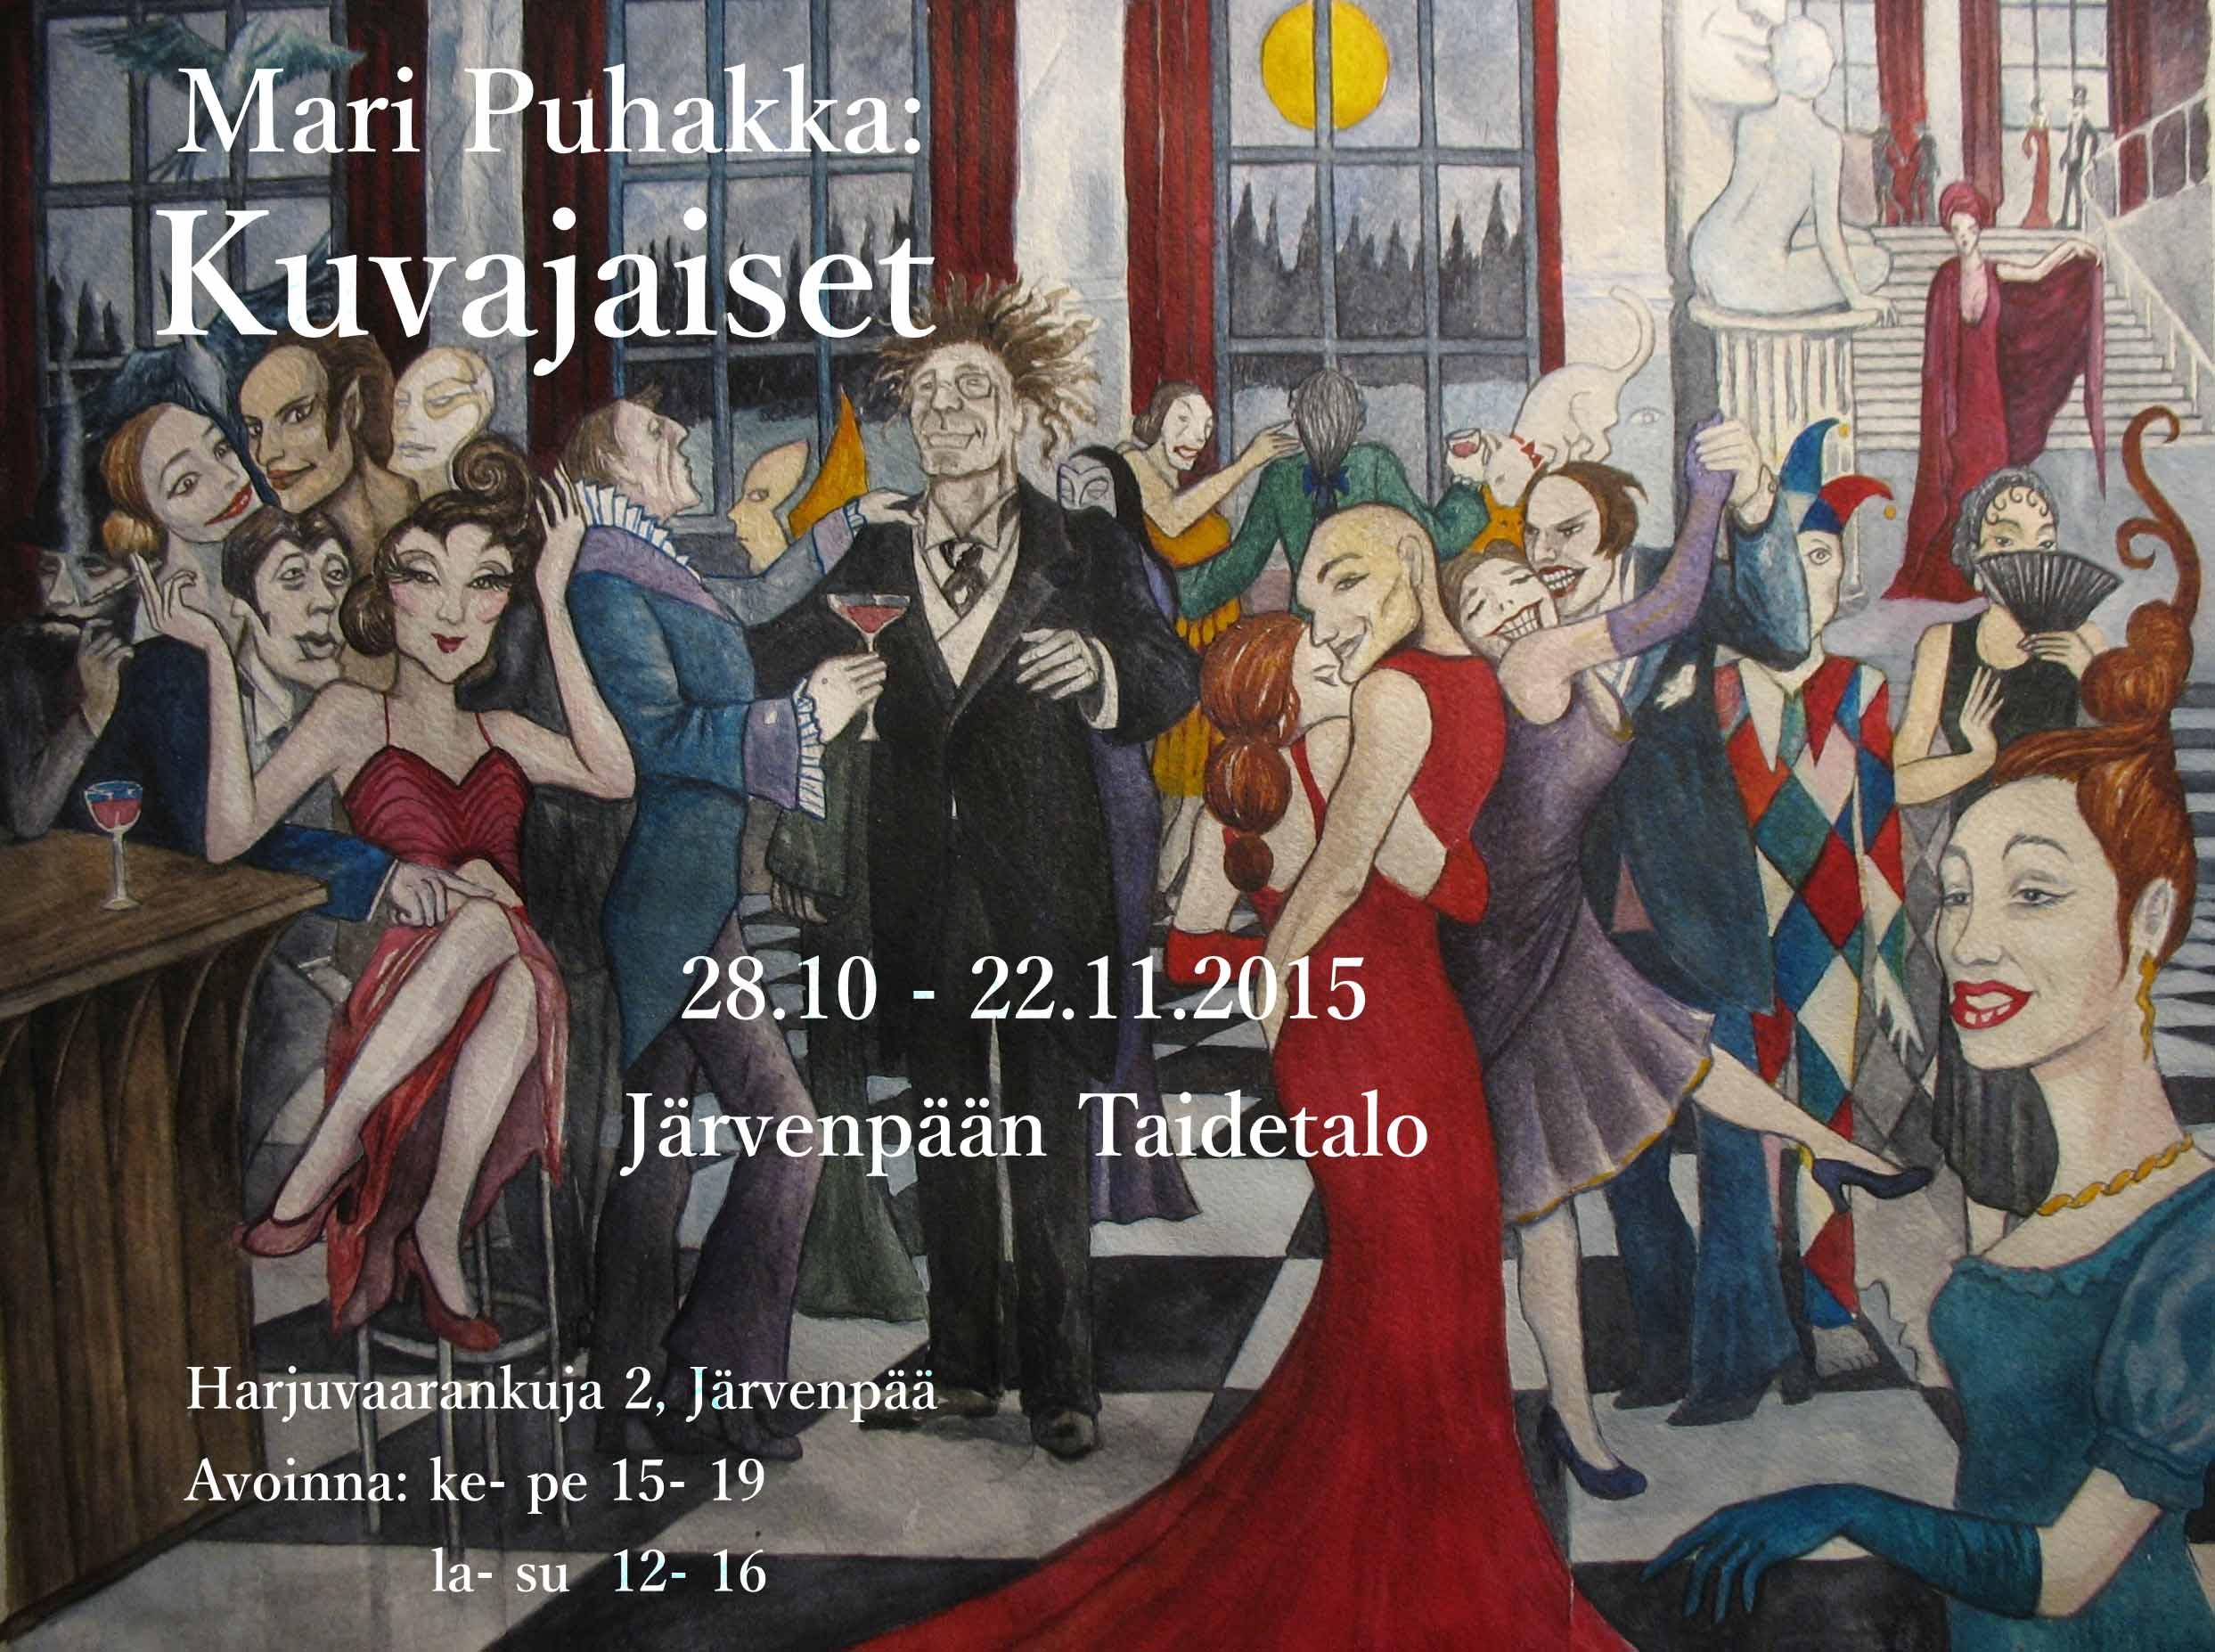 MariPuhakka_201510_Nayttelyjuliste_web